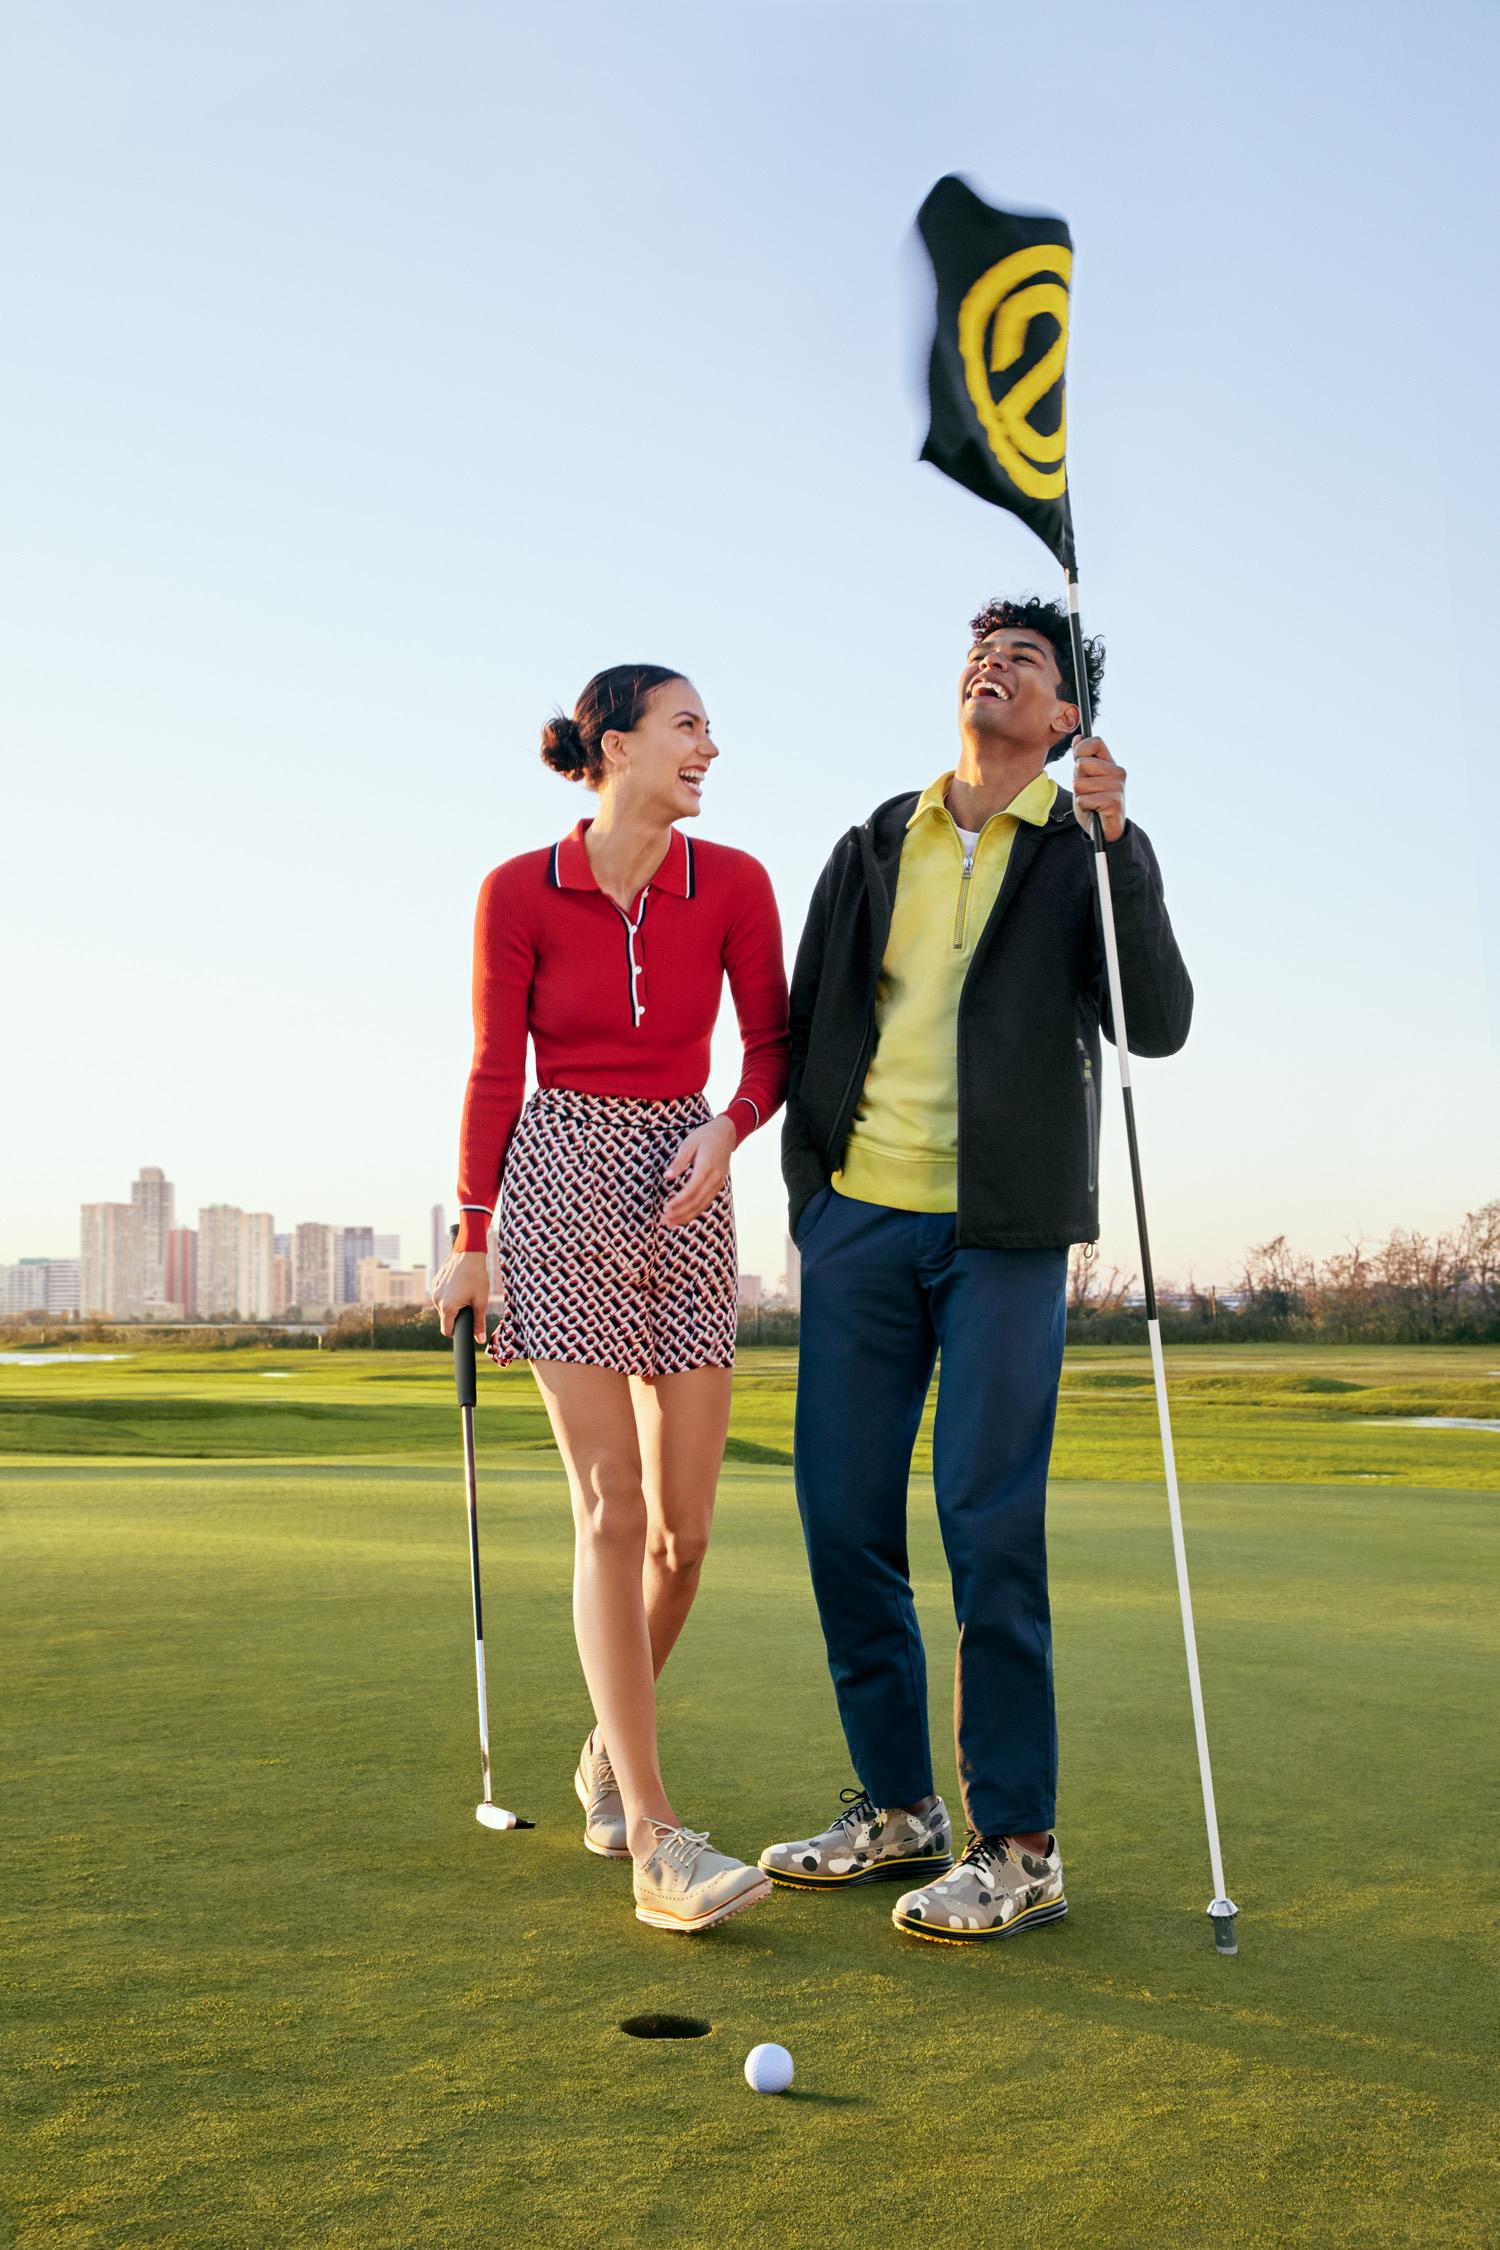 Cole Haan Men's and Women's ØriginalGrand Golf Shoes